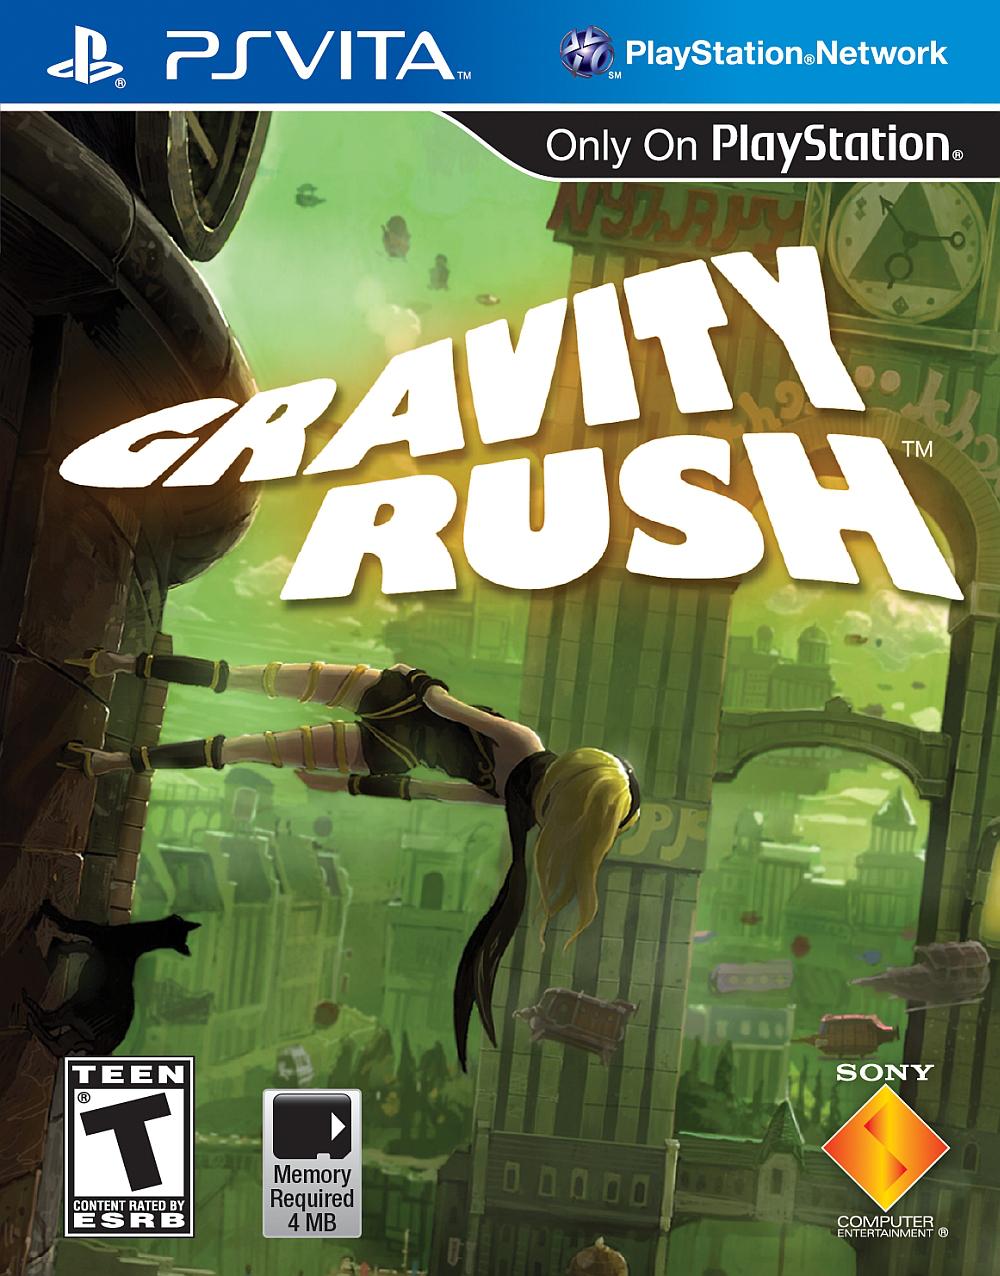 Jusqu'à -96% sur une sélection jeux dématérialisés PSP PS1/2/3/4 Vita - Ex : Gravity Rush